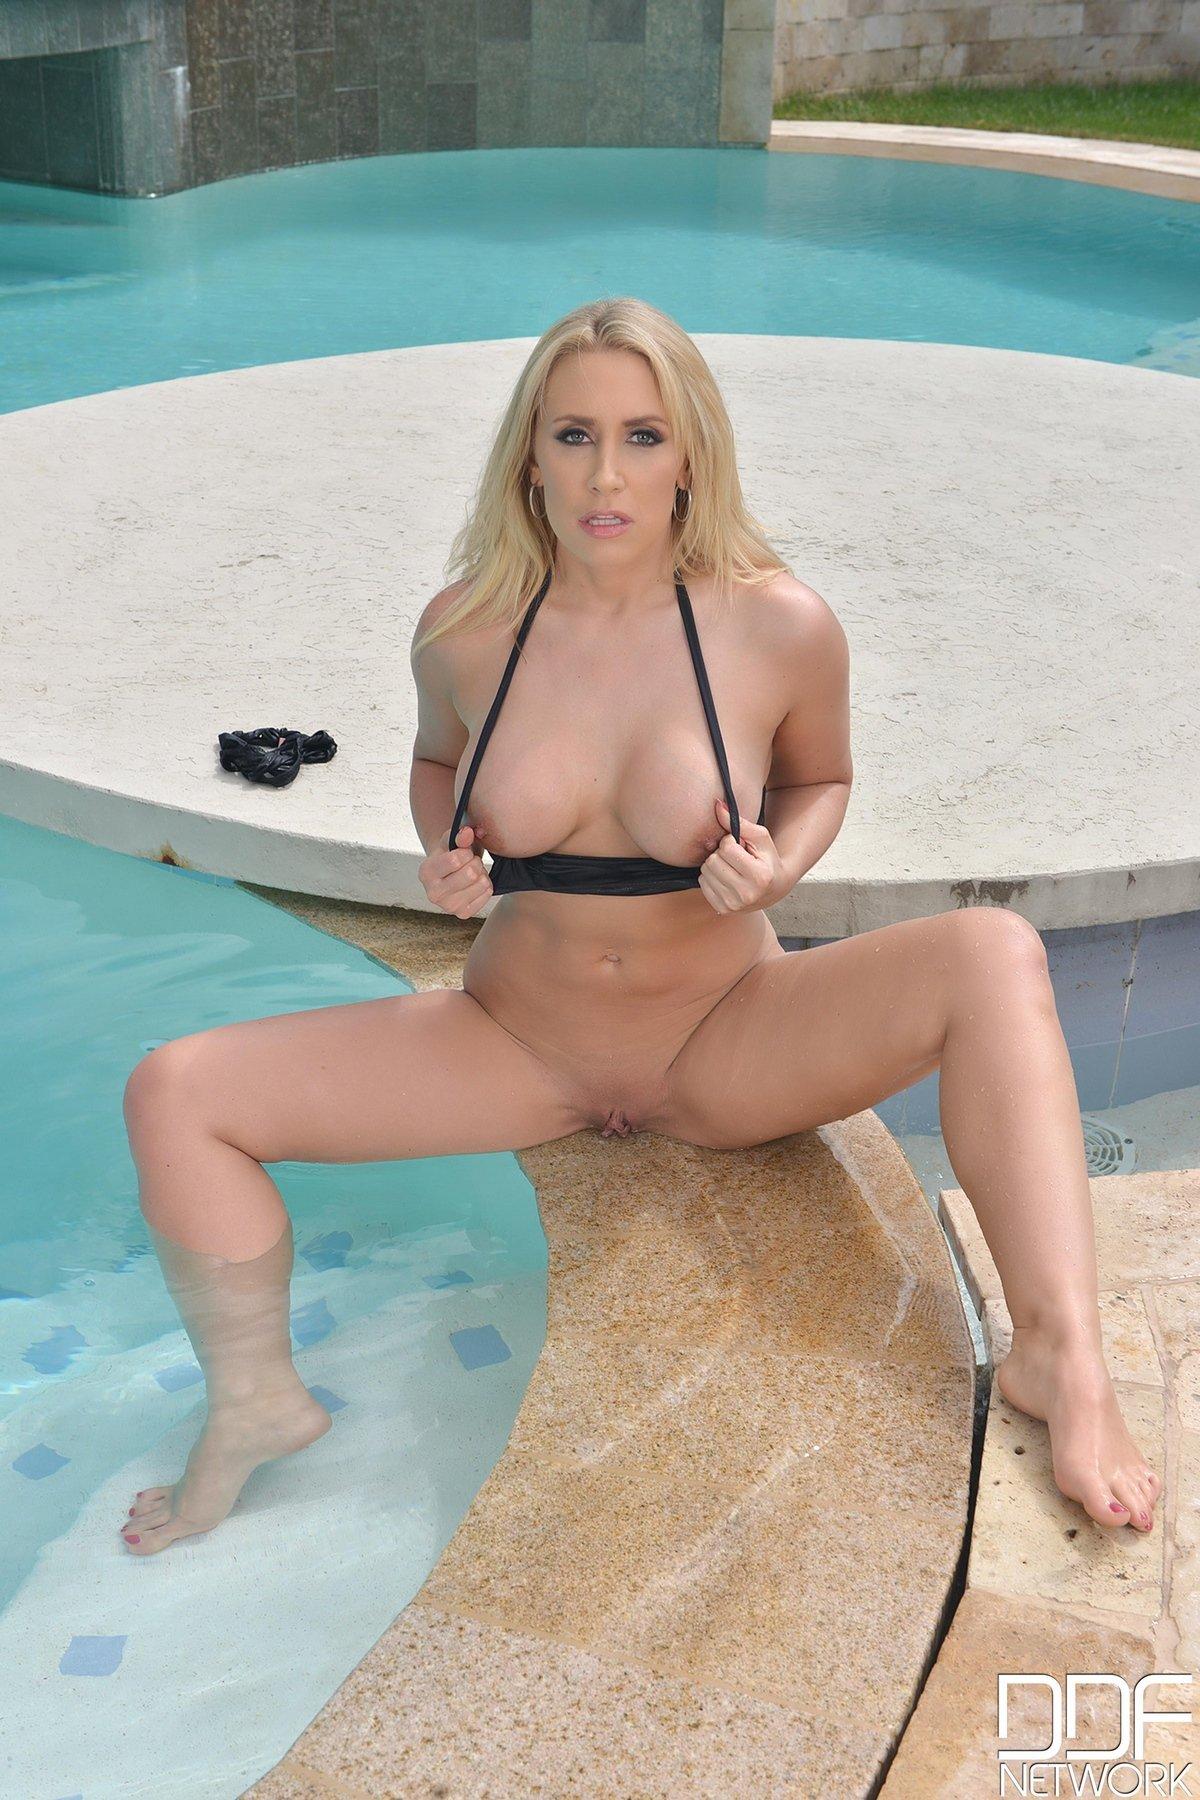 Блонди с горячей фигурой купается в бассейне